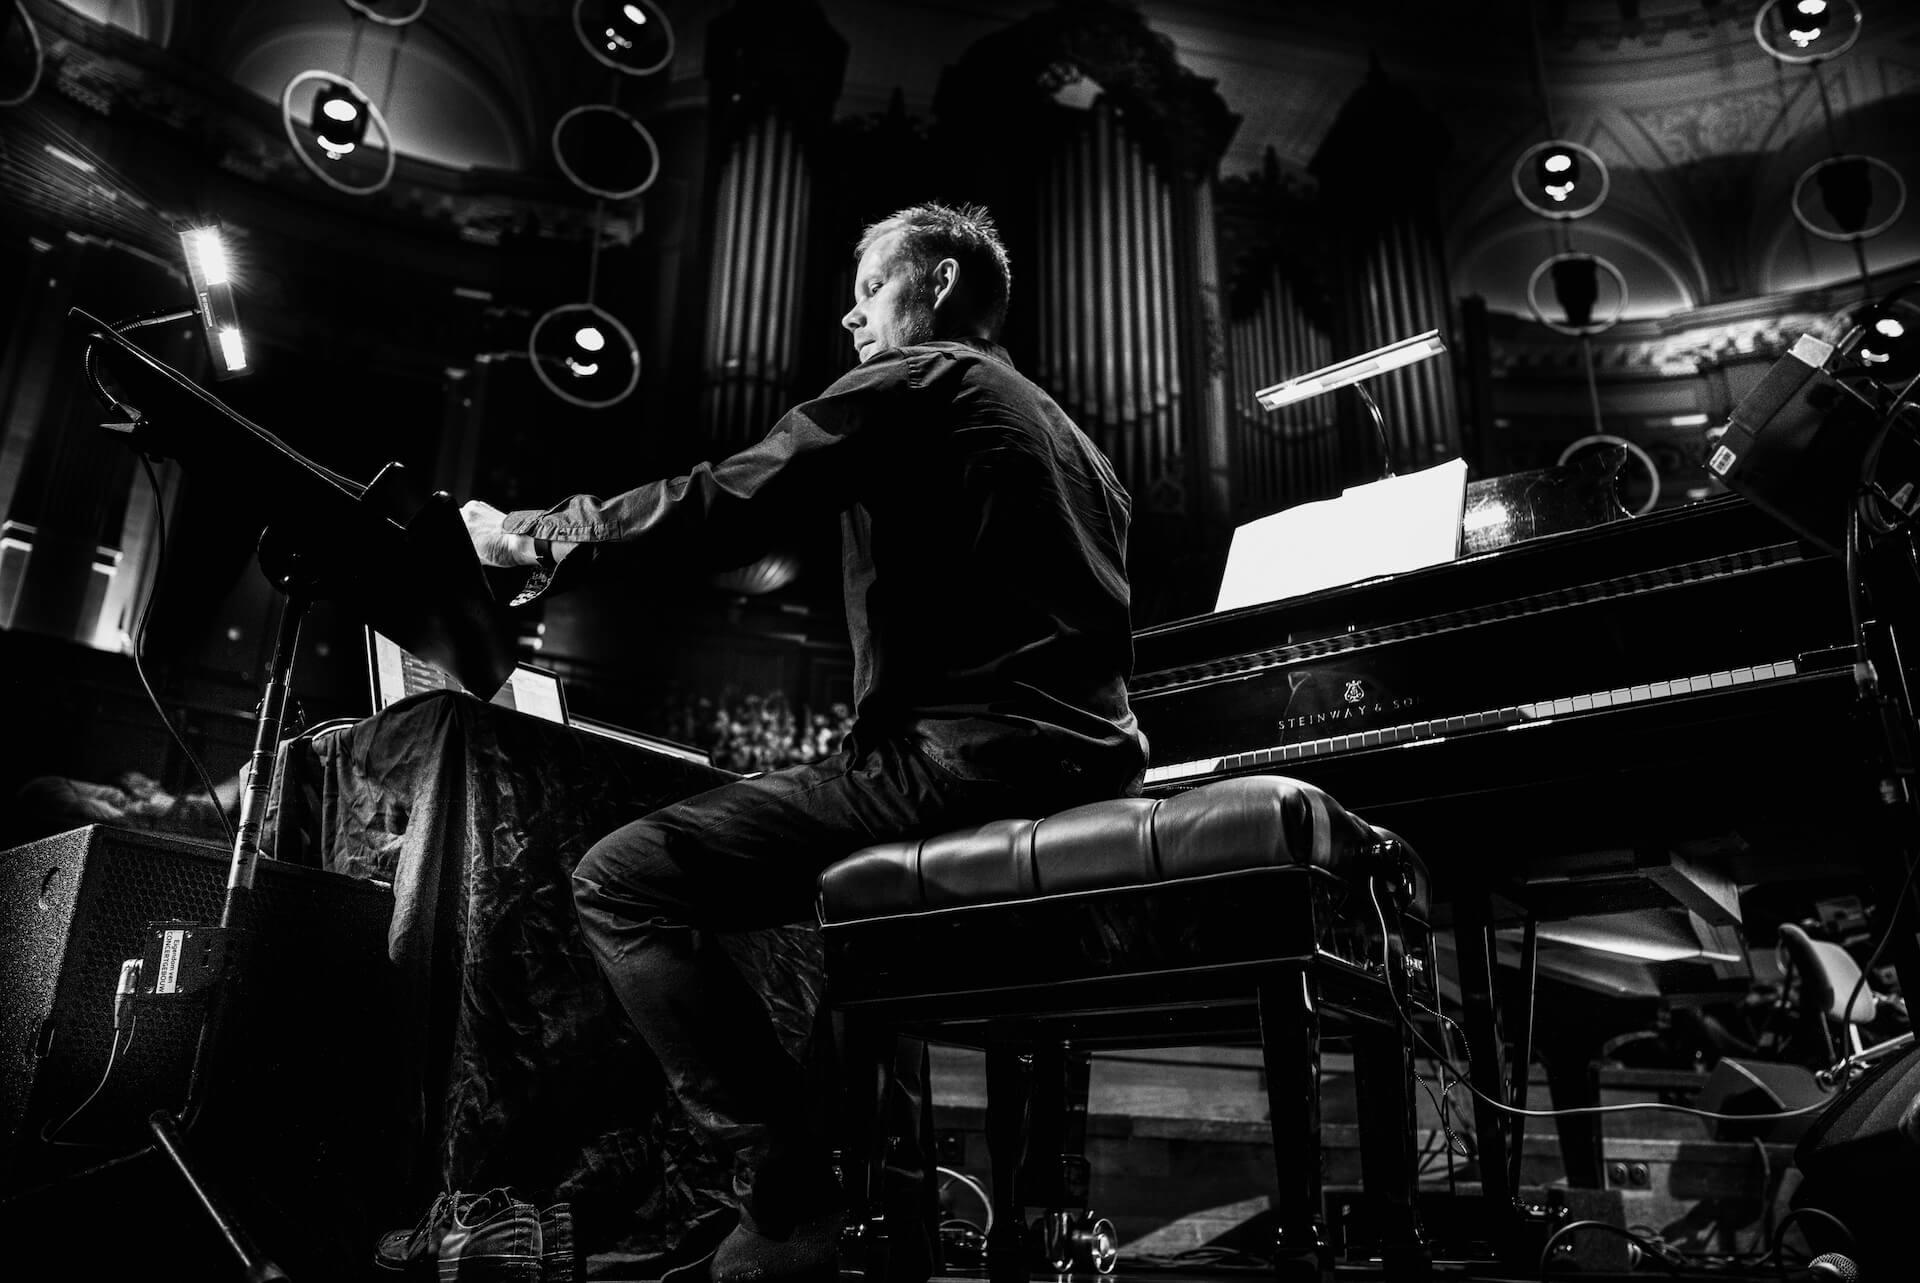 """インタビュー:""""眠り""""と""""世界人権宣言"""" きっかけを与える音楽を生み出してきたマックス・リヒターが語る音楽の役割とは interview210408_max-richter-05"""